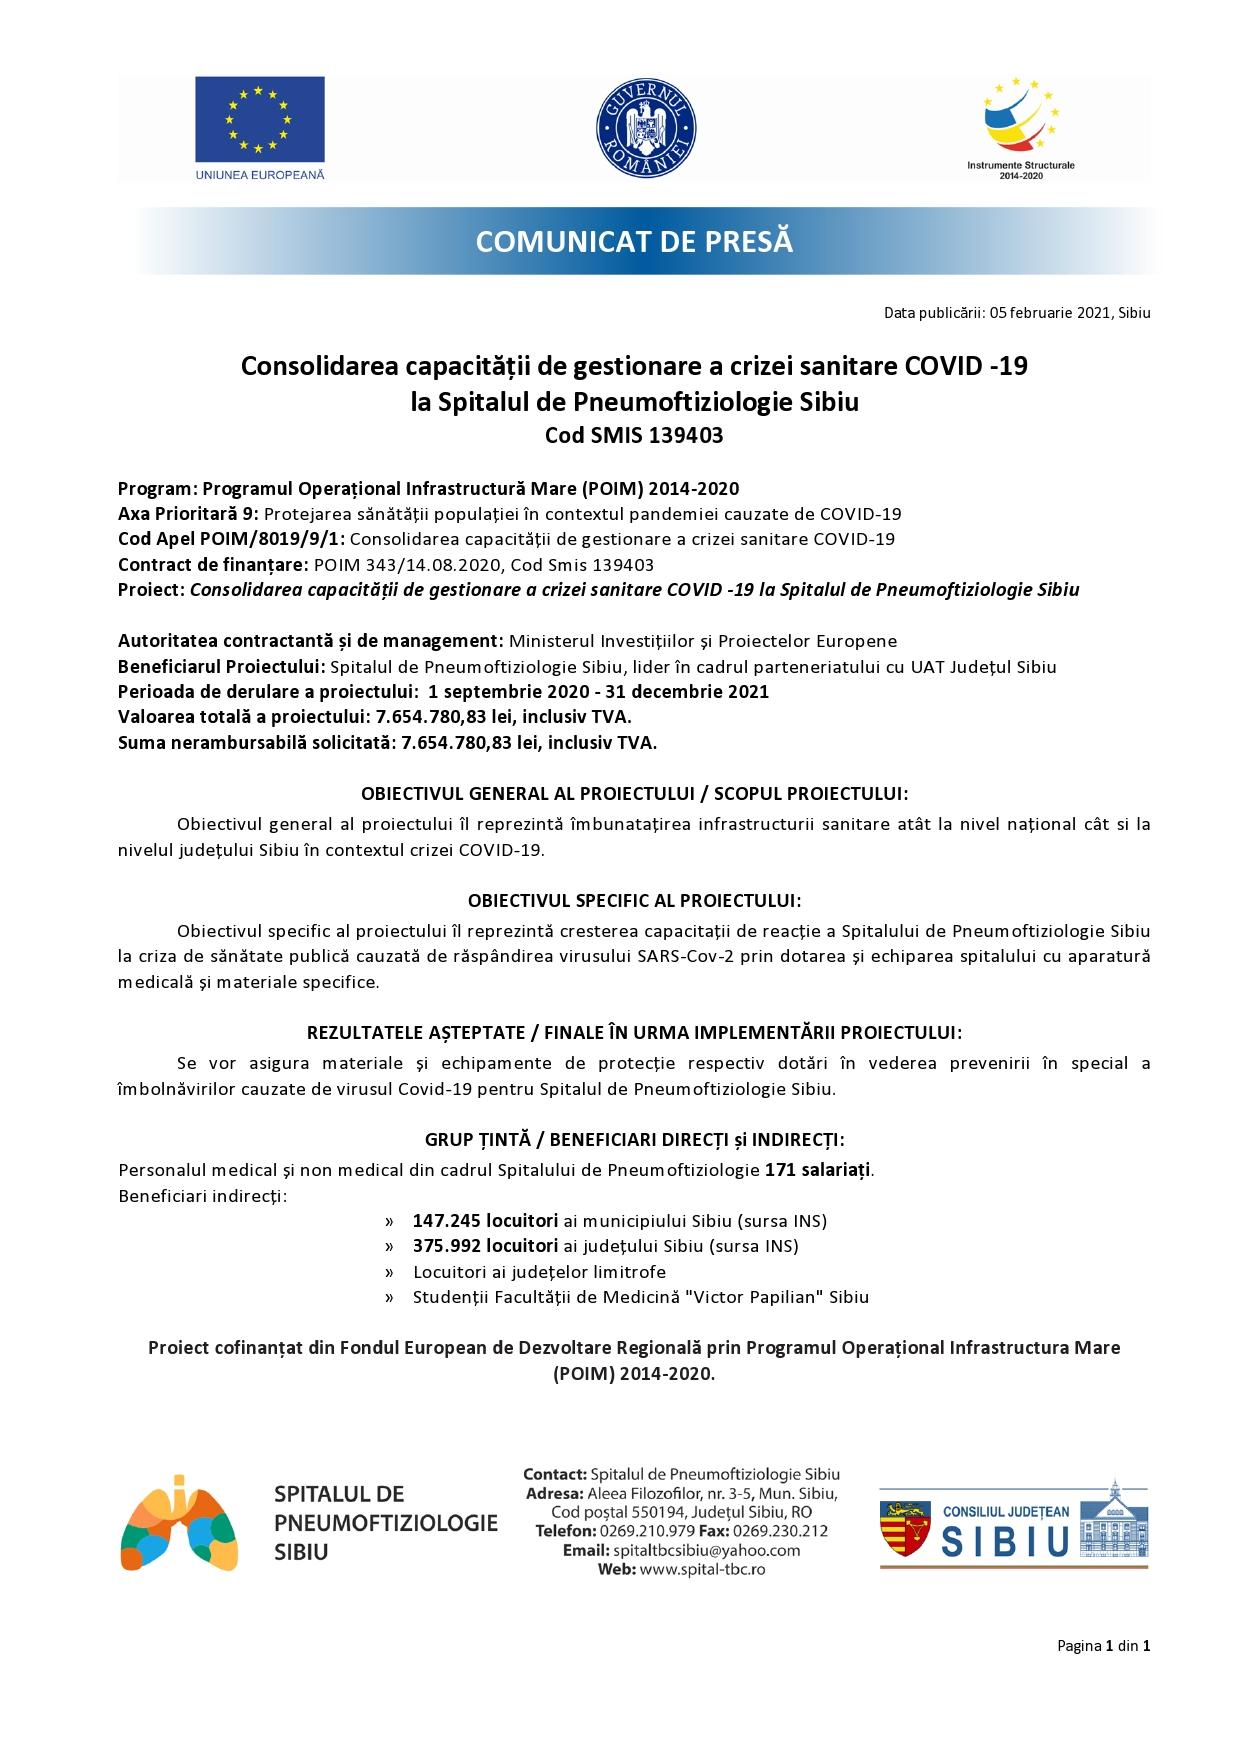 Comunicat de presă - Consolidarea capacității de gestionare a crizei sanitare COVID -19 la Spitalul de Pneumoftiziologie Sibiu Cod SMIS 139403